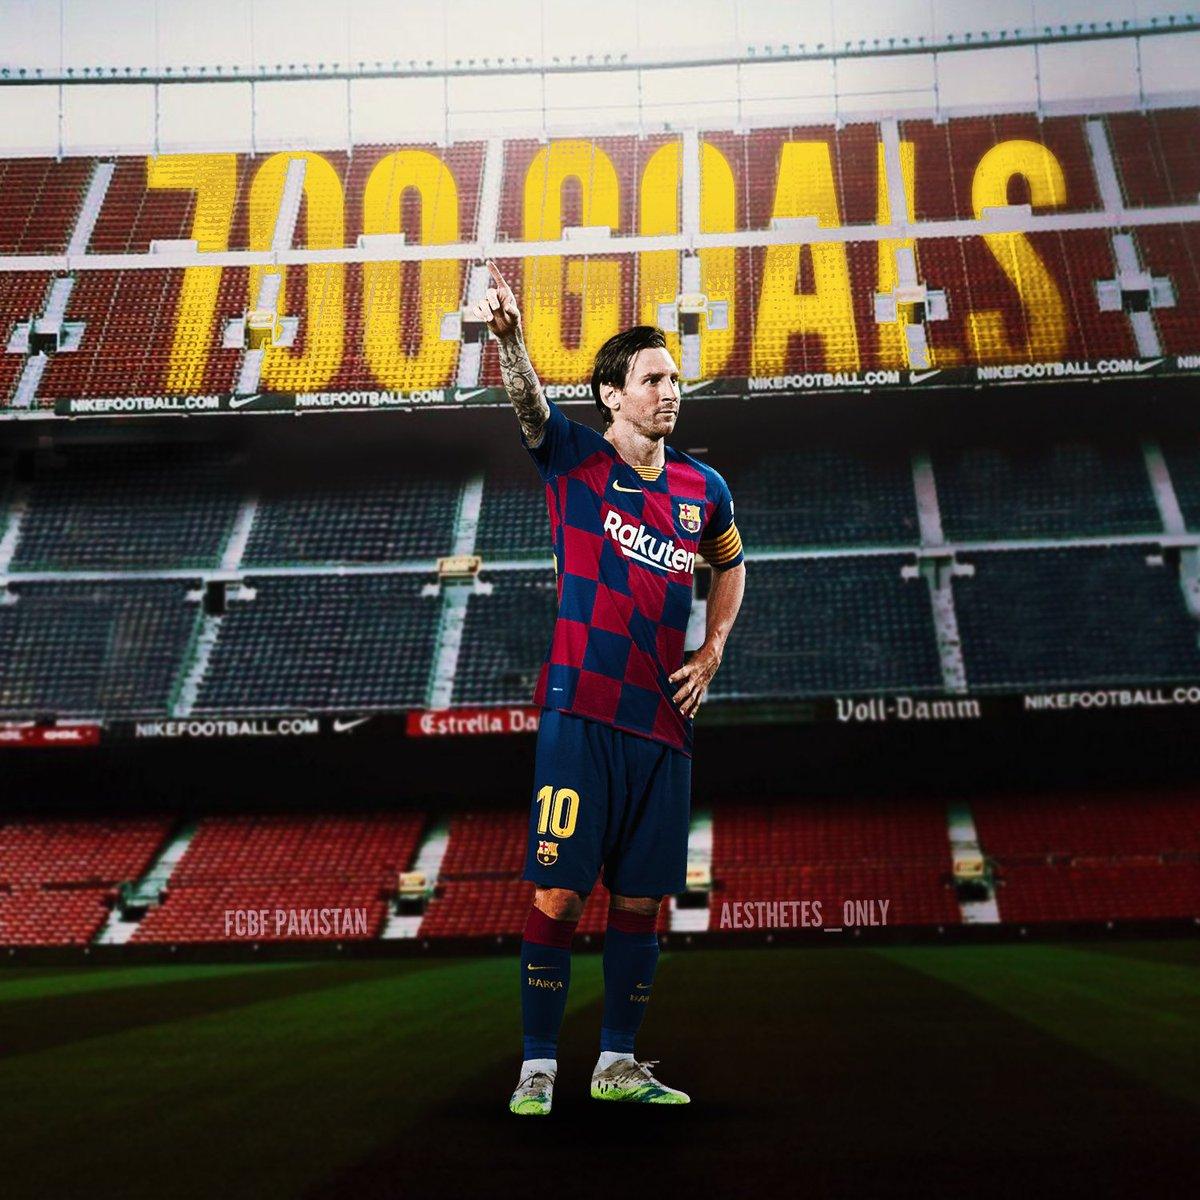 Messi - Milestone Goals:  001 vs Albacete (2005) 100 vs Dinamo Kiev (2009) 200 vs Real Madrid (2011) 300 vs Rayo (2012) 400 vs Granada (2014) 500 vs Valencia (2016) 600 vs Atletico (2018) 700 vs Atletico (2020)  #Messi700  via @MessiStats_ https://t.co/aoB53Gupd1